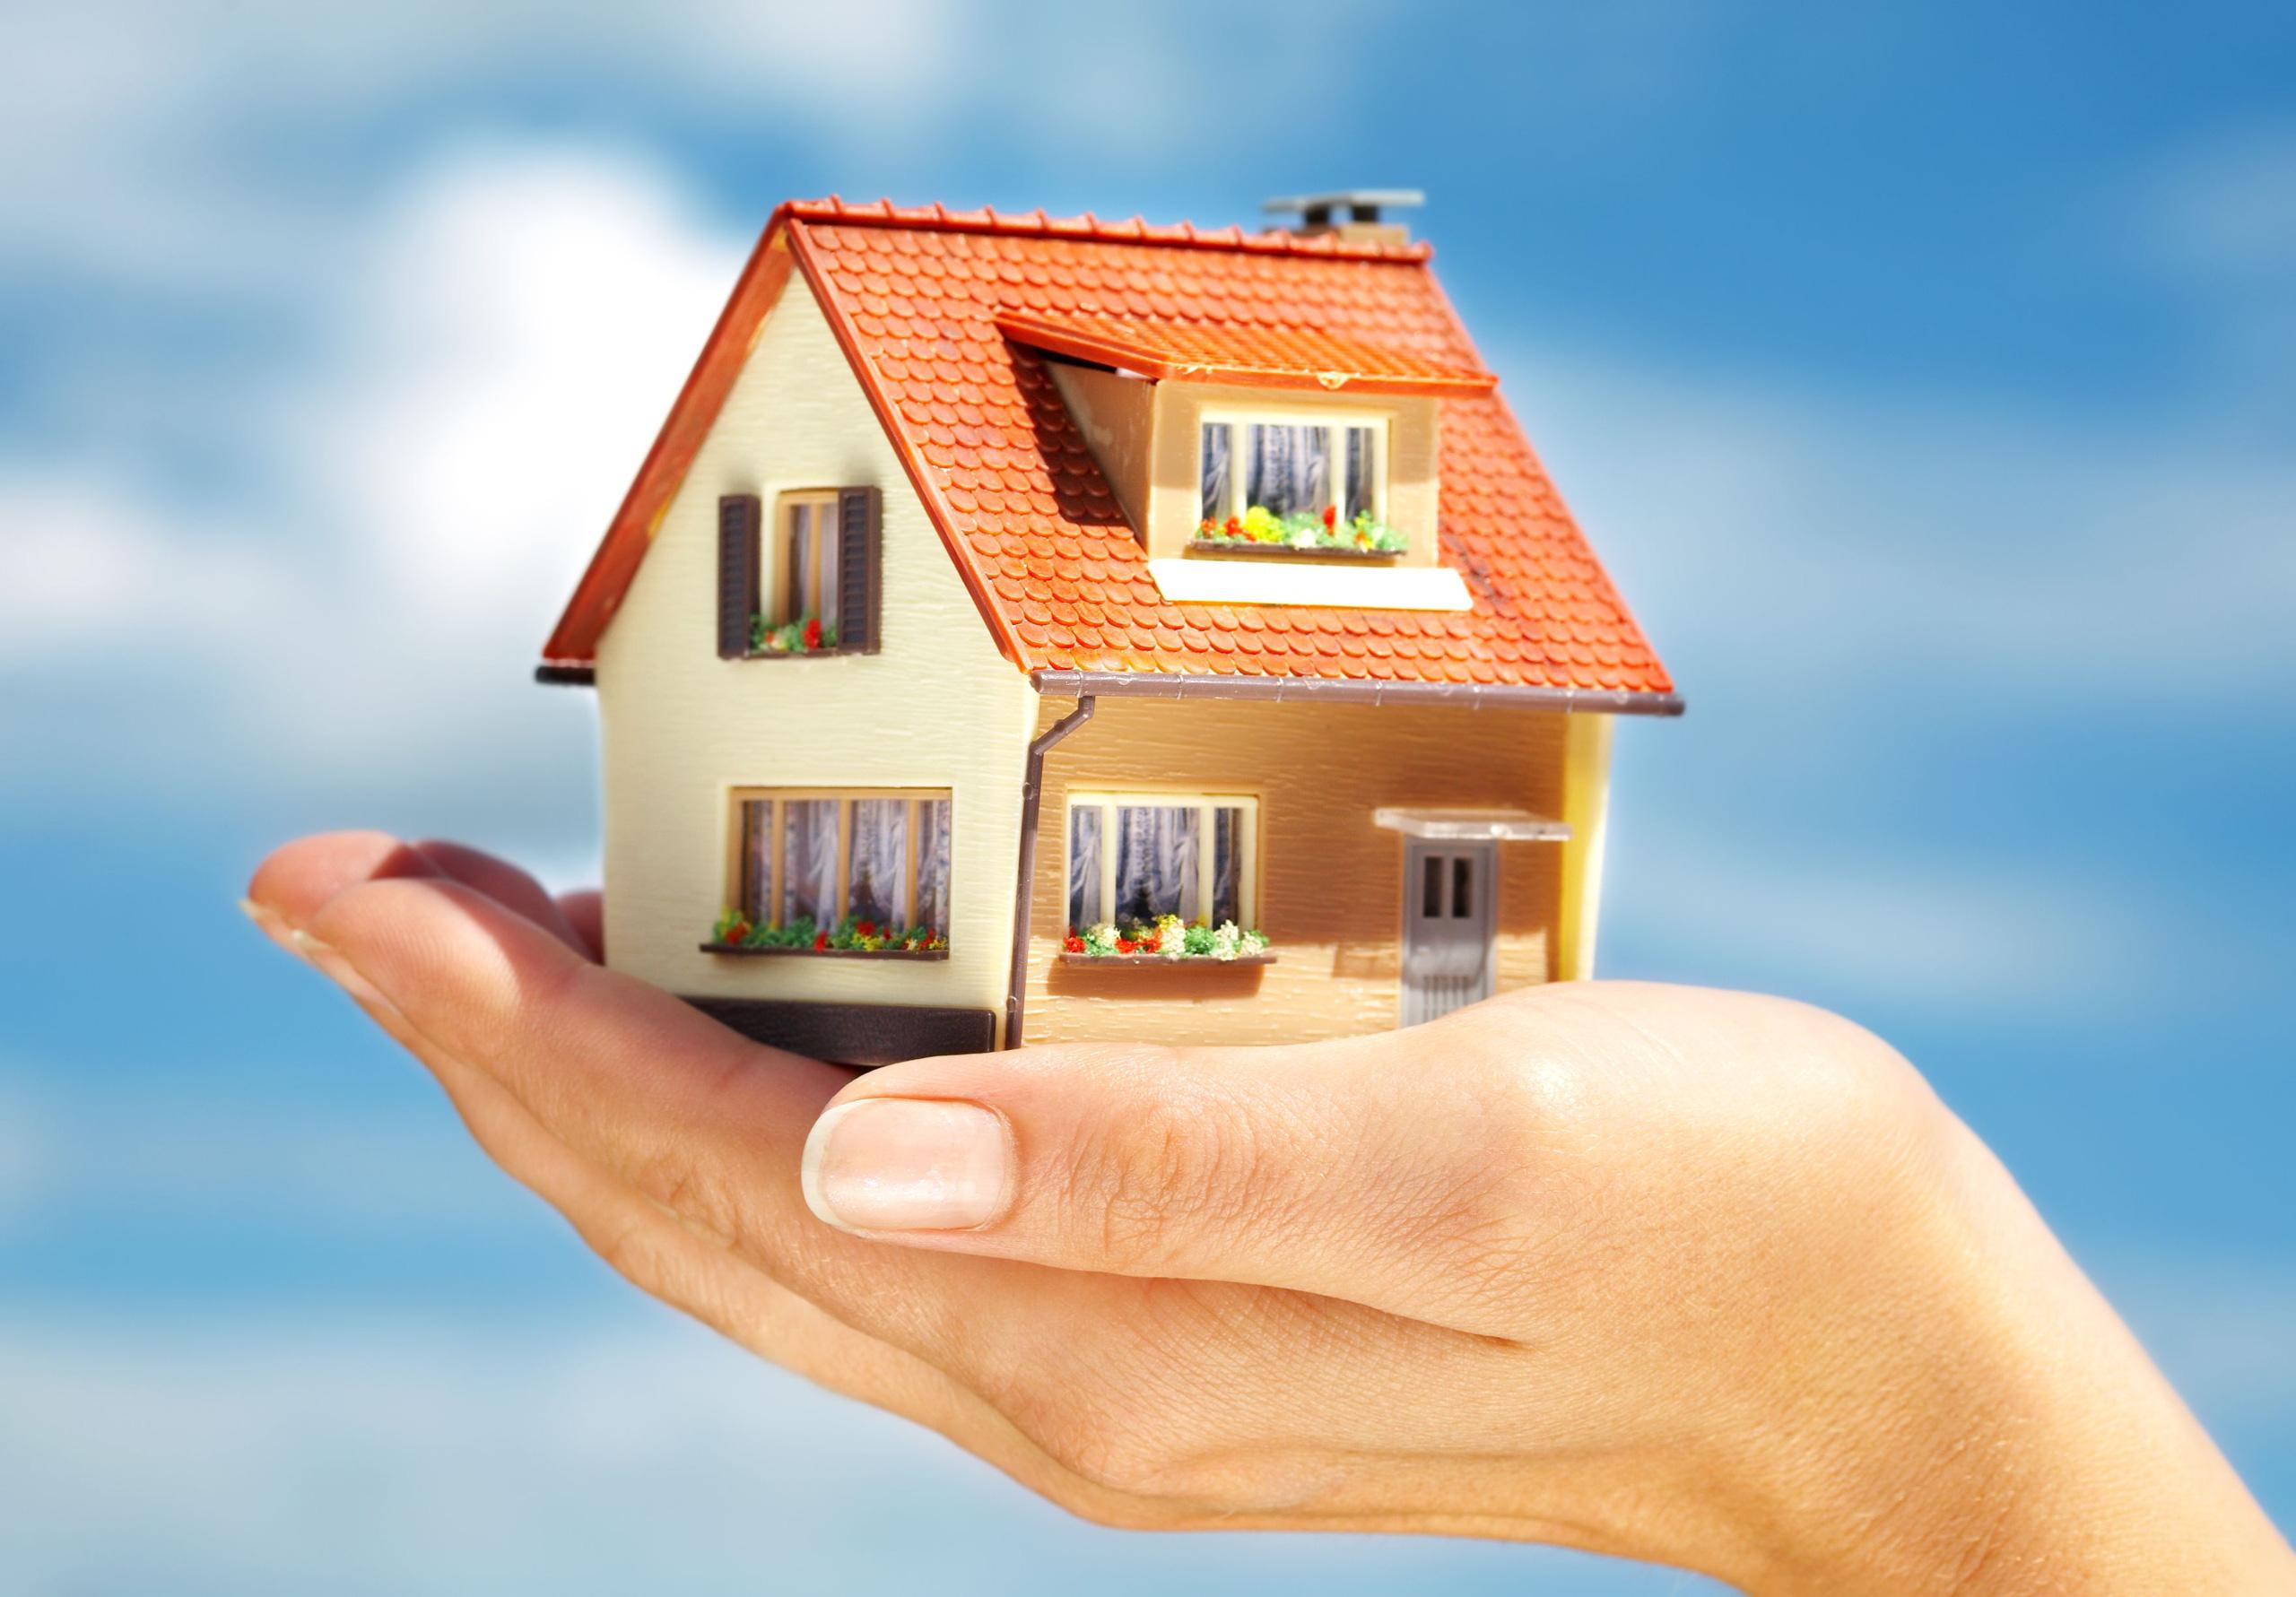 Cách tính lãi suất mua nhà trả góp đơn giản và chính xác nhất  - Ảnh 3.